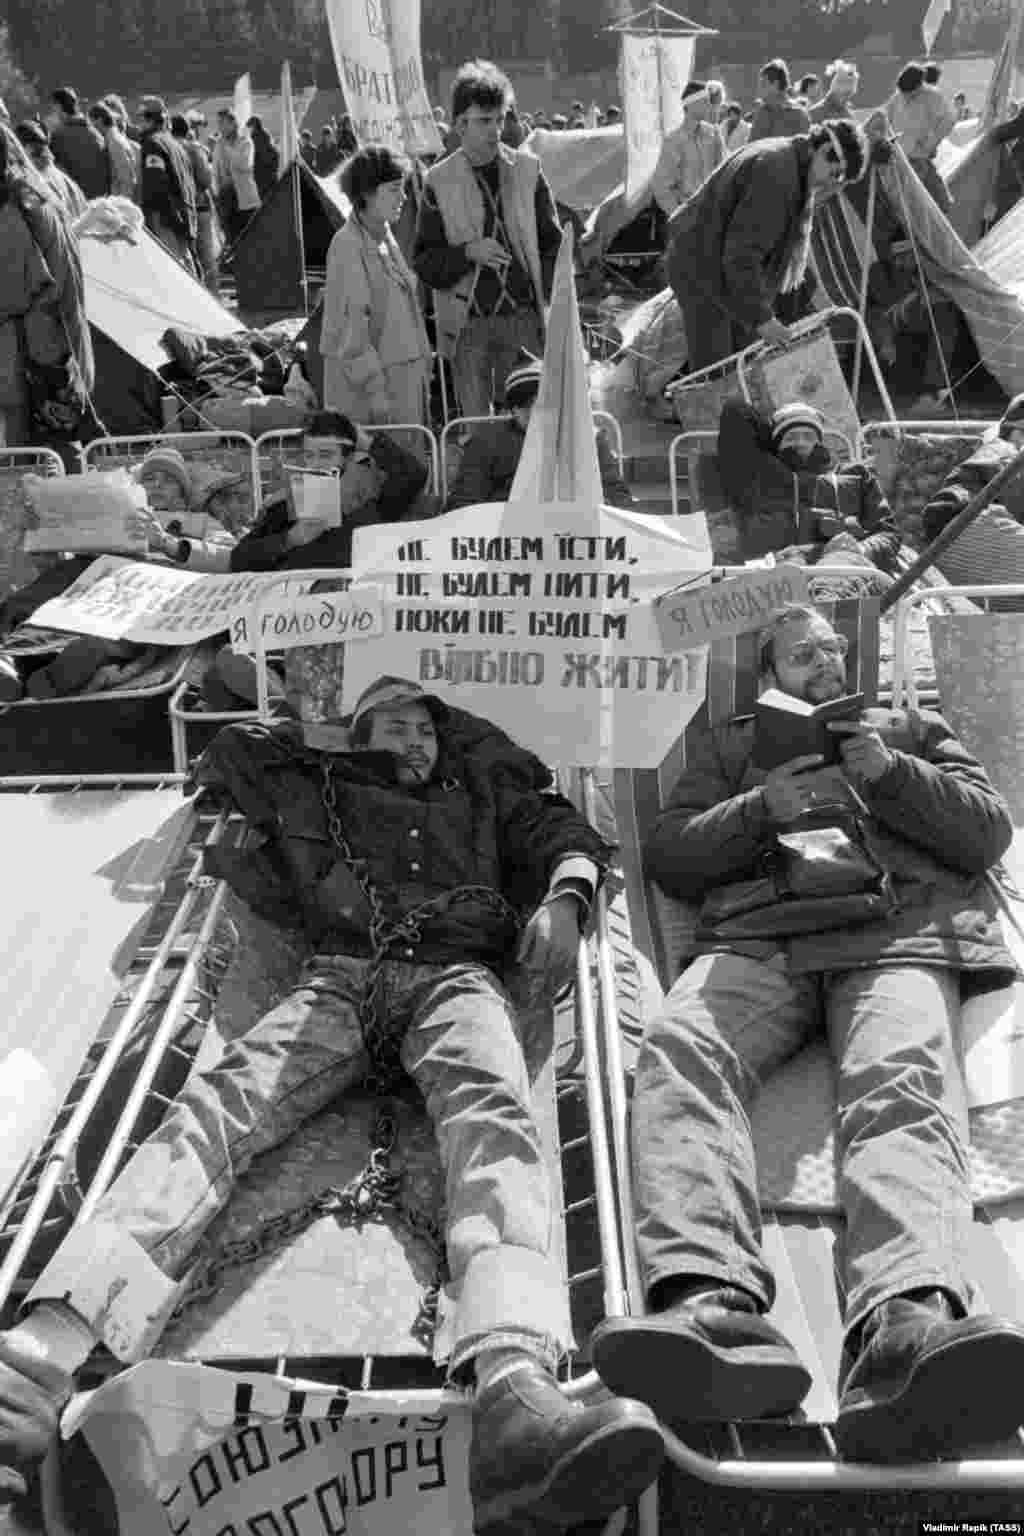 Символічні кайдани на одному з учасників політичного голодування